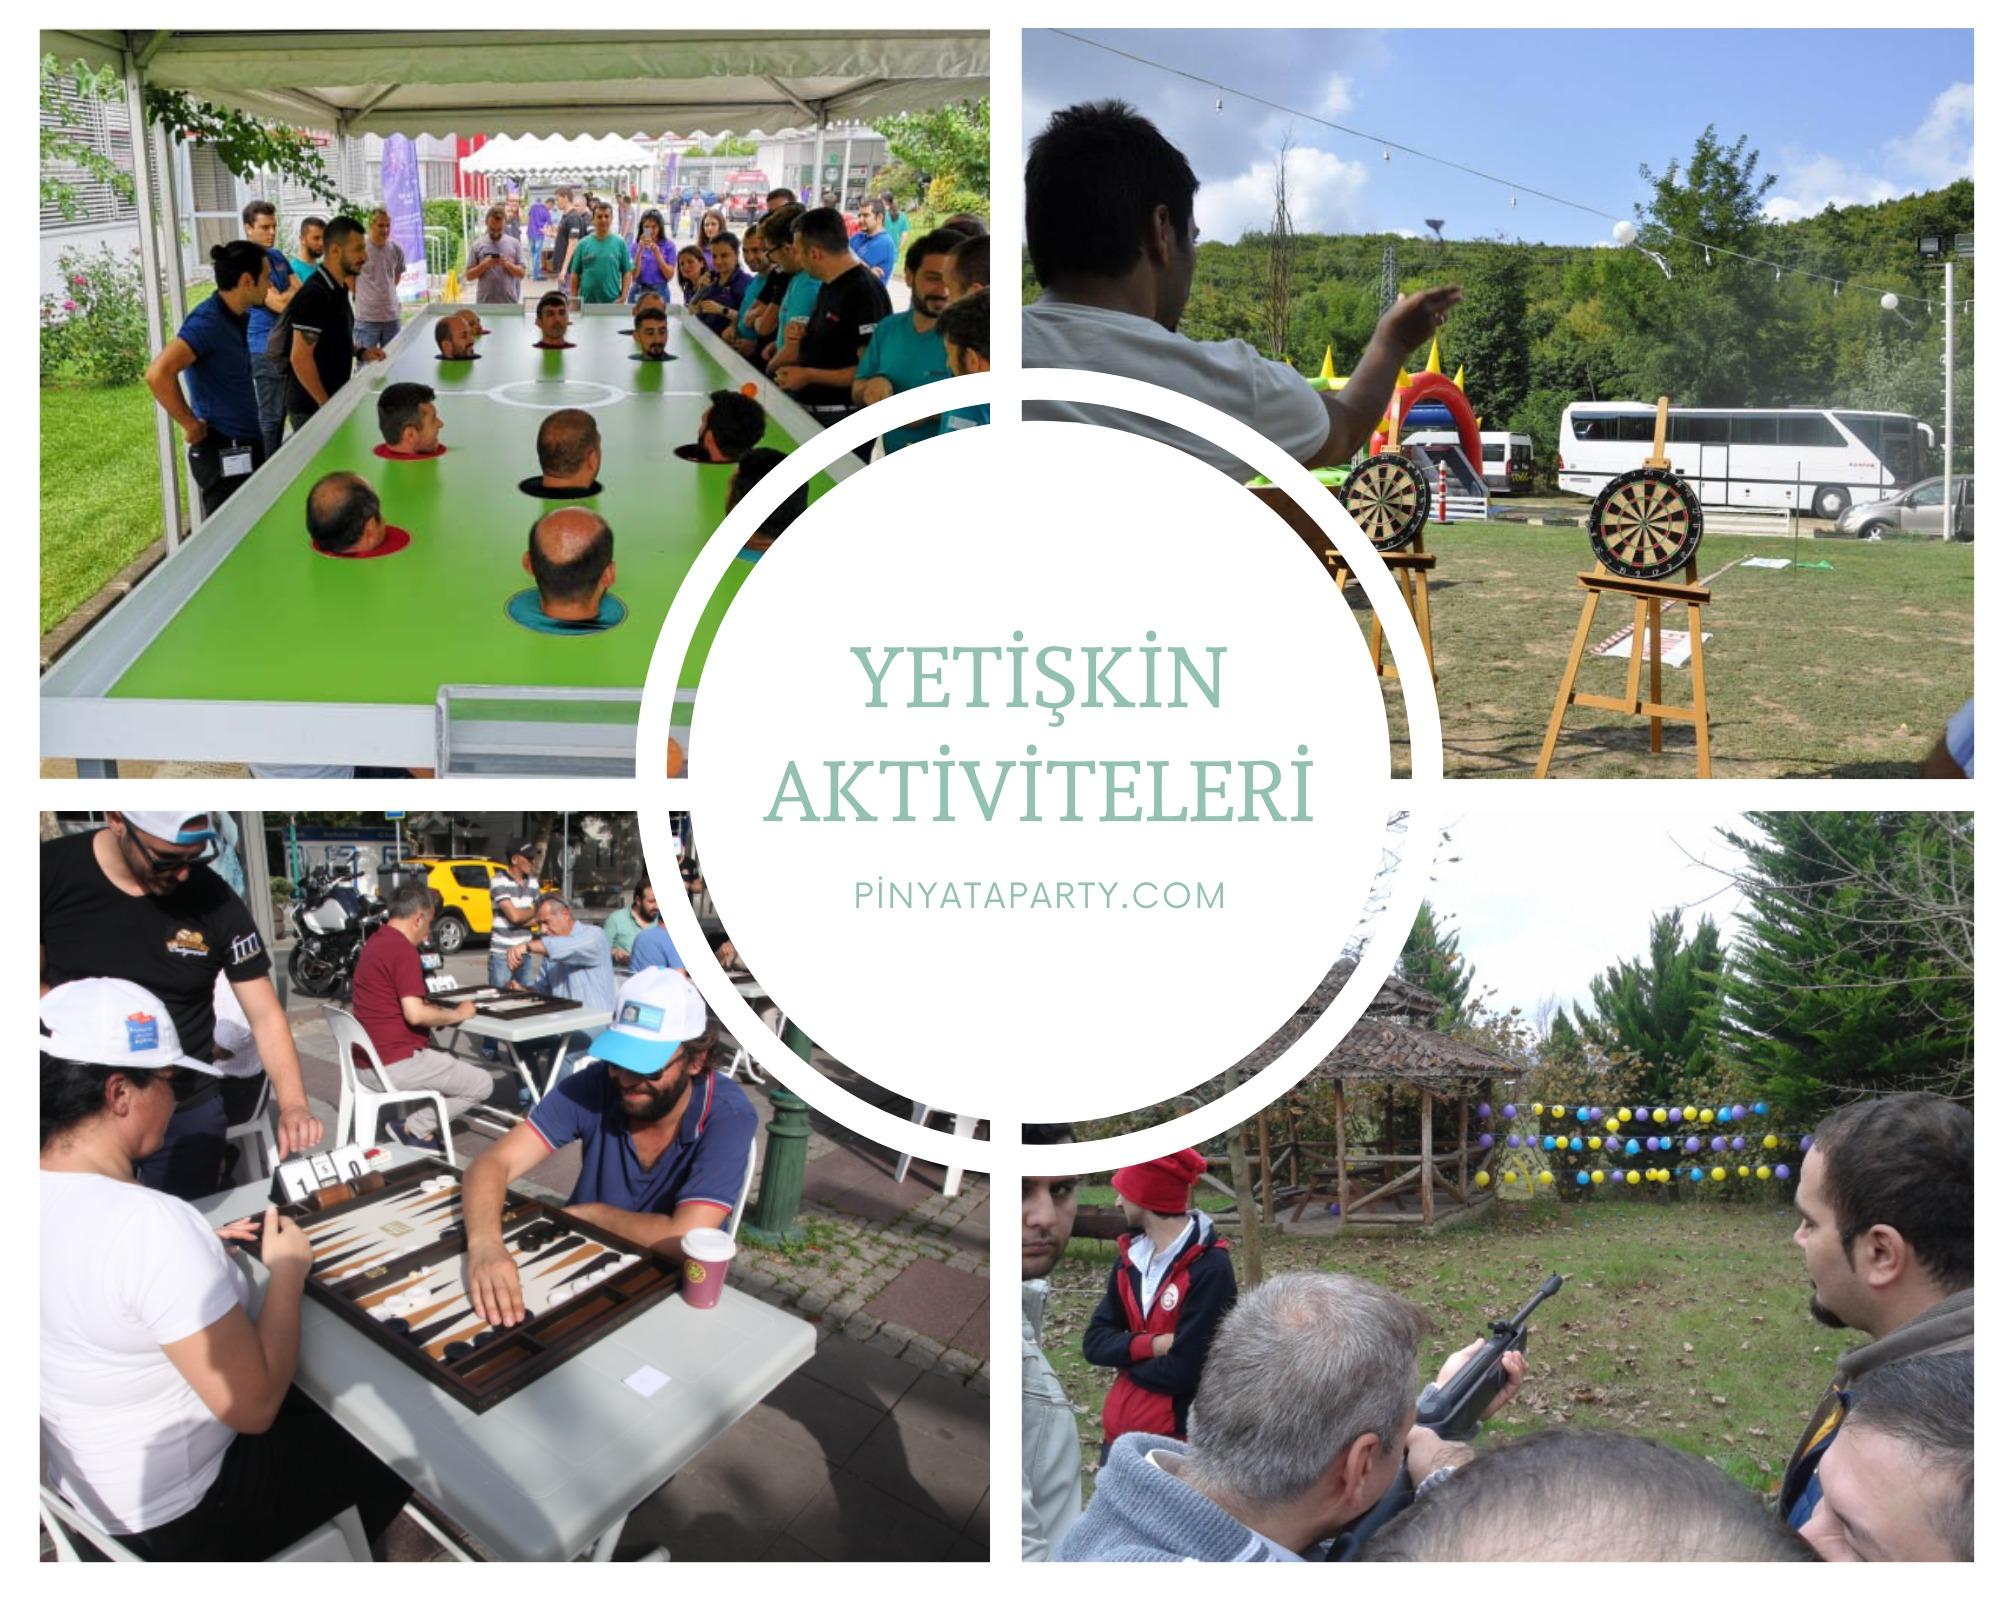 Piknik Yetişkin aktivite ve Oyunları